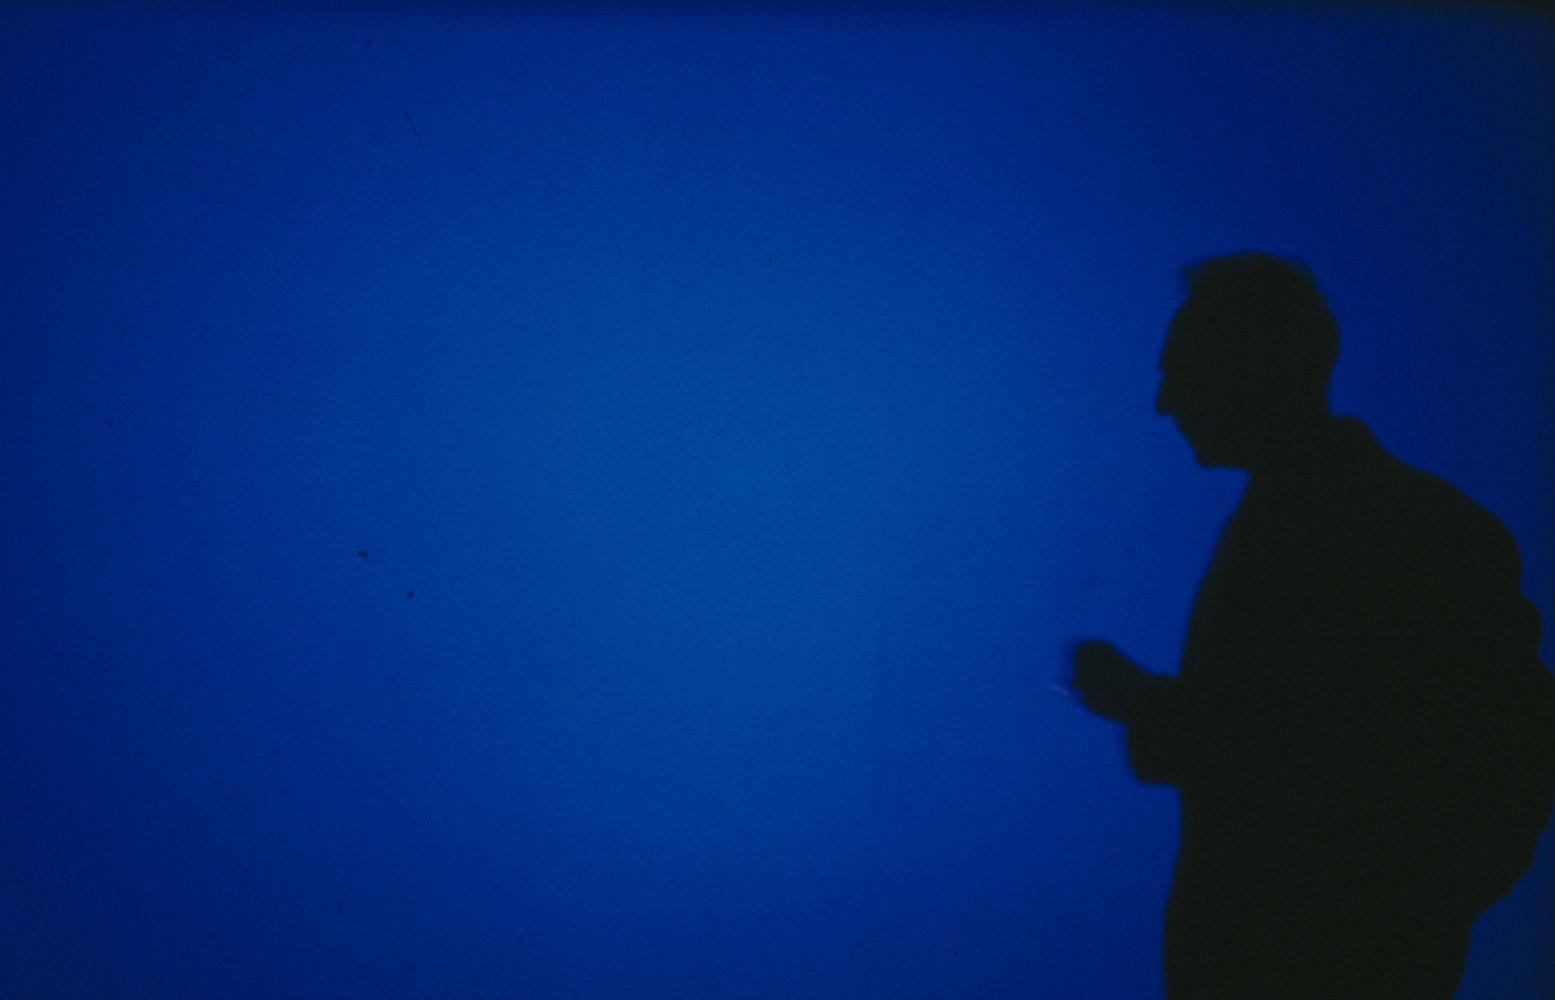 תמונת פרסום -ג'רמן כחול